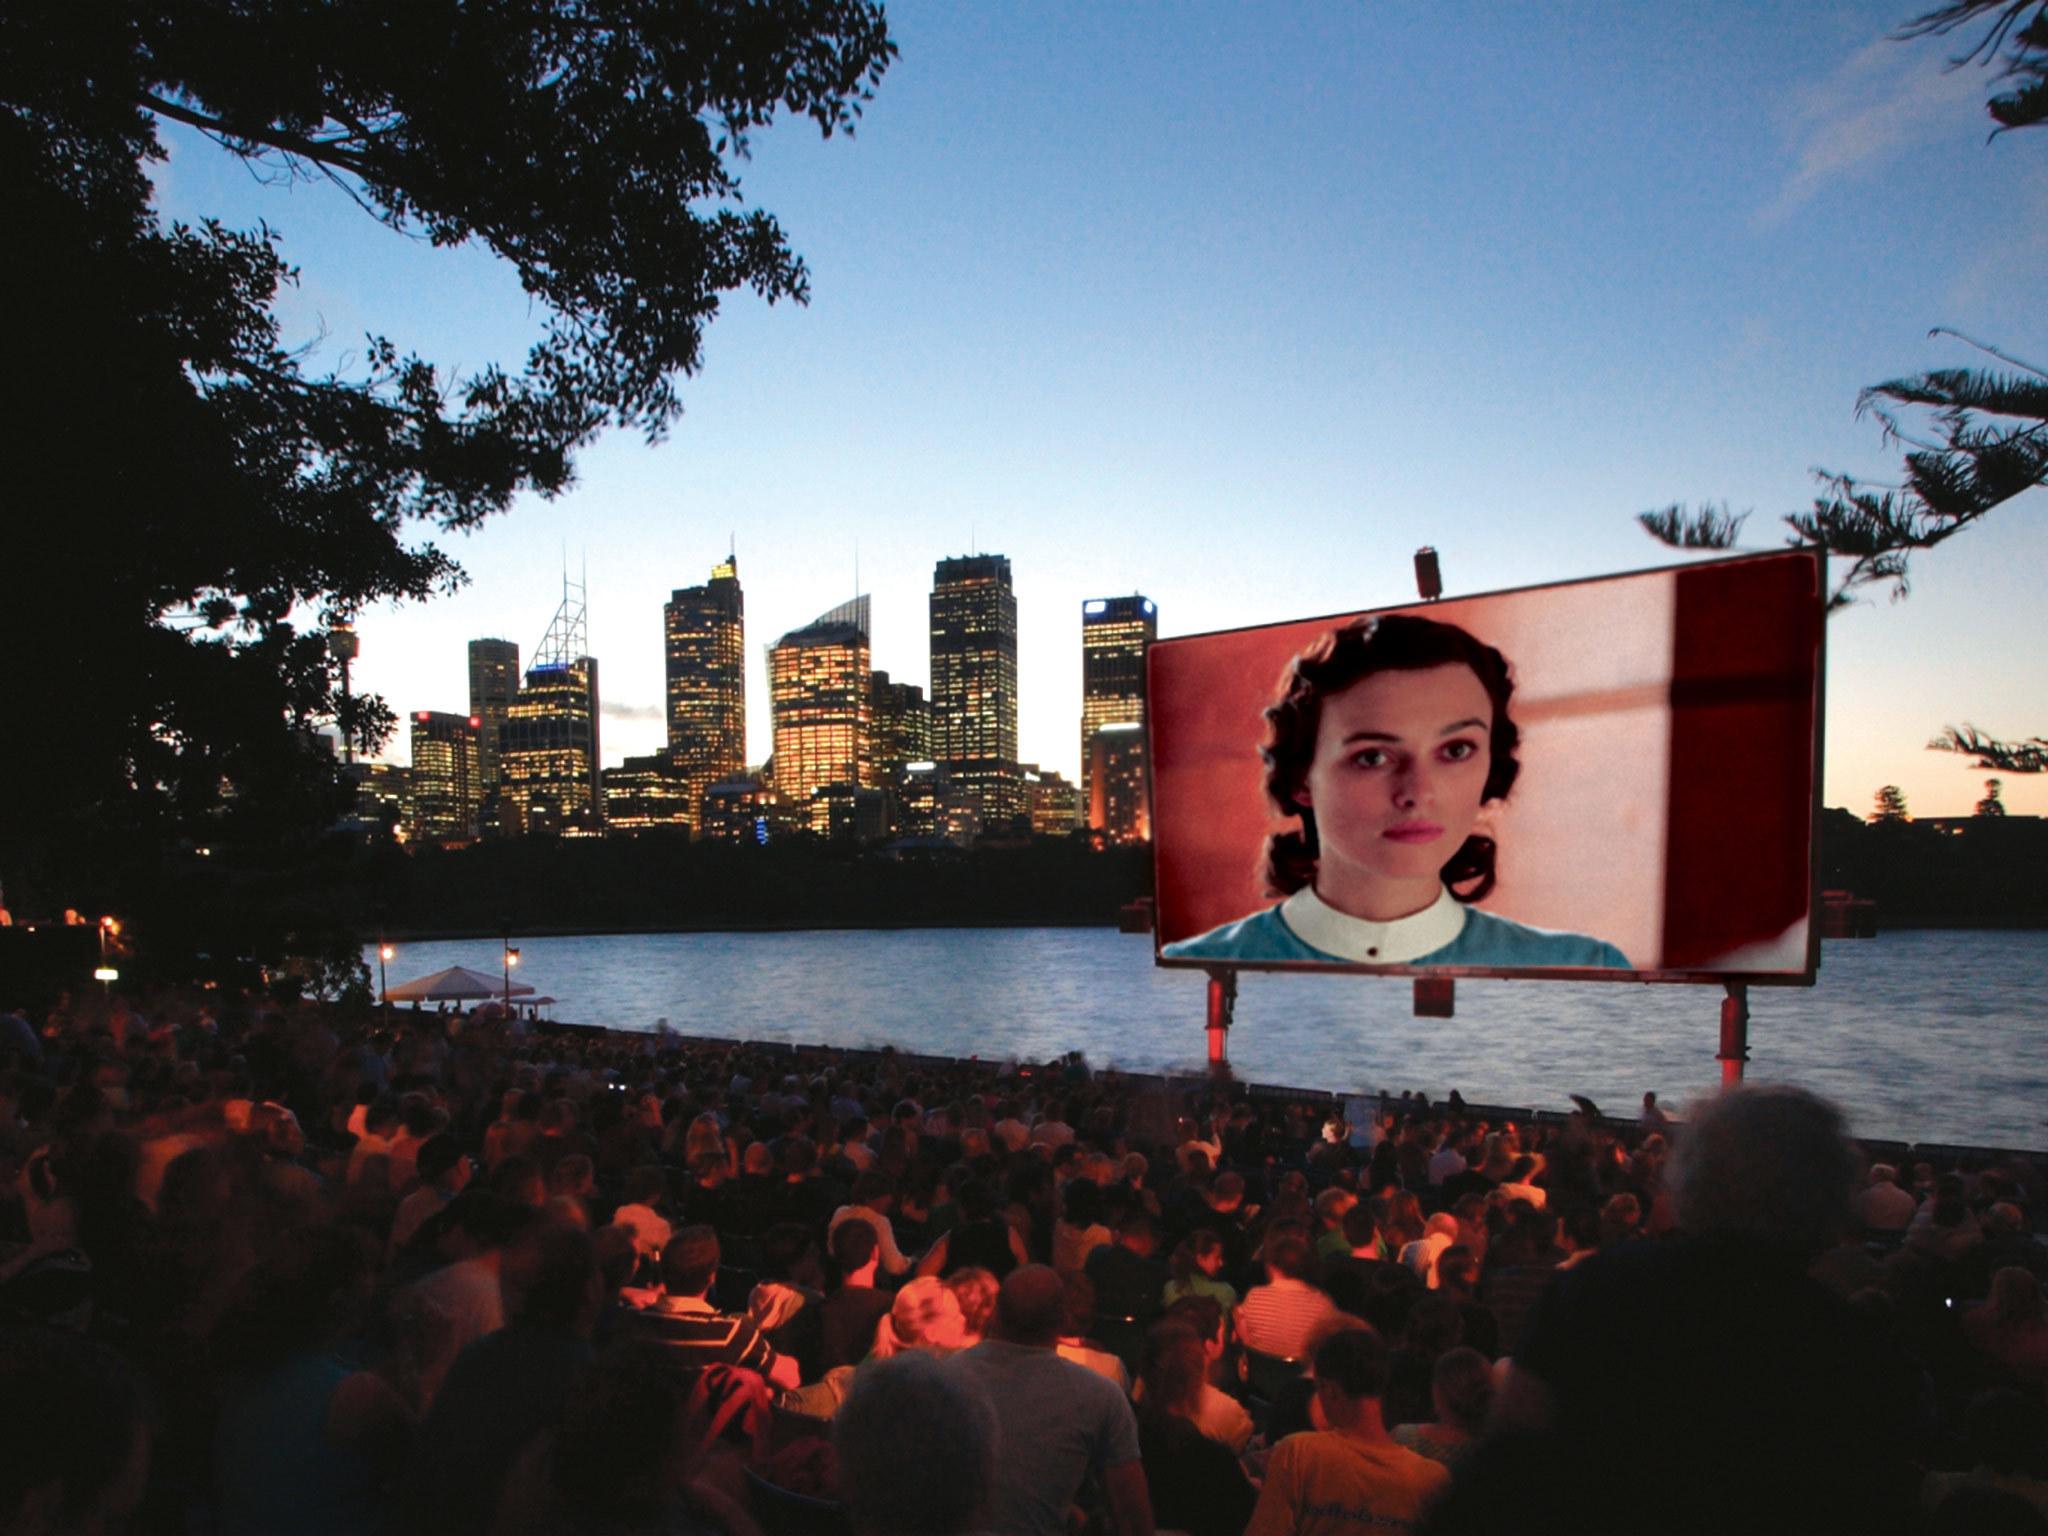 St George OpenAir Cinema